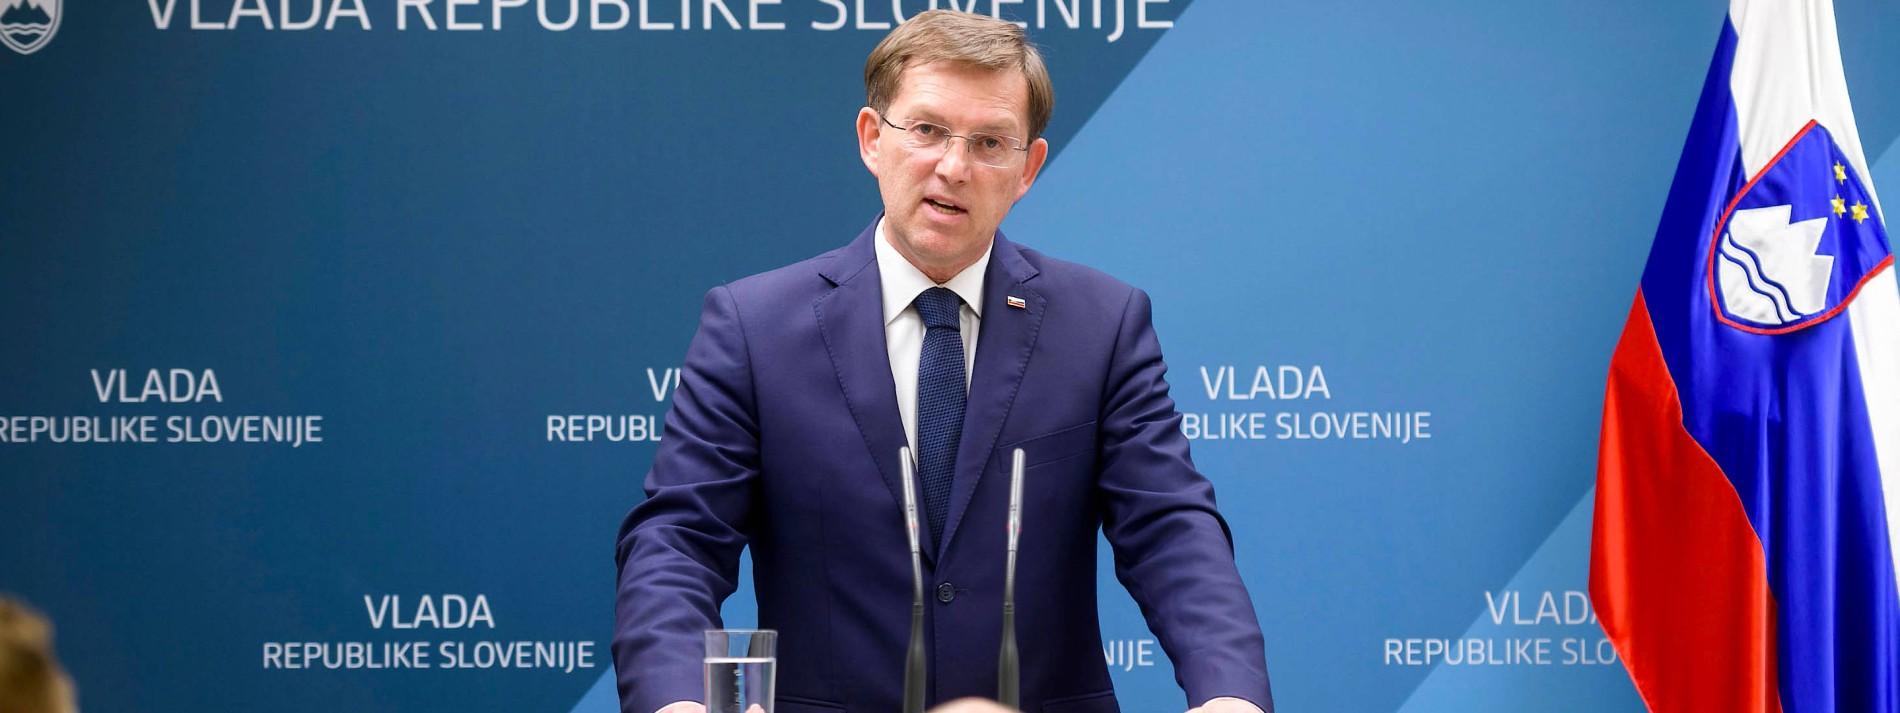 Slowenischer Regierungschef tritt zurück